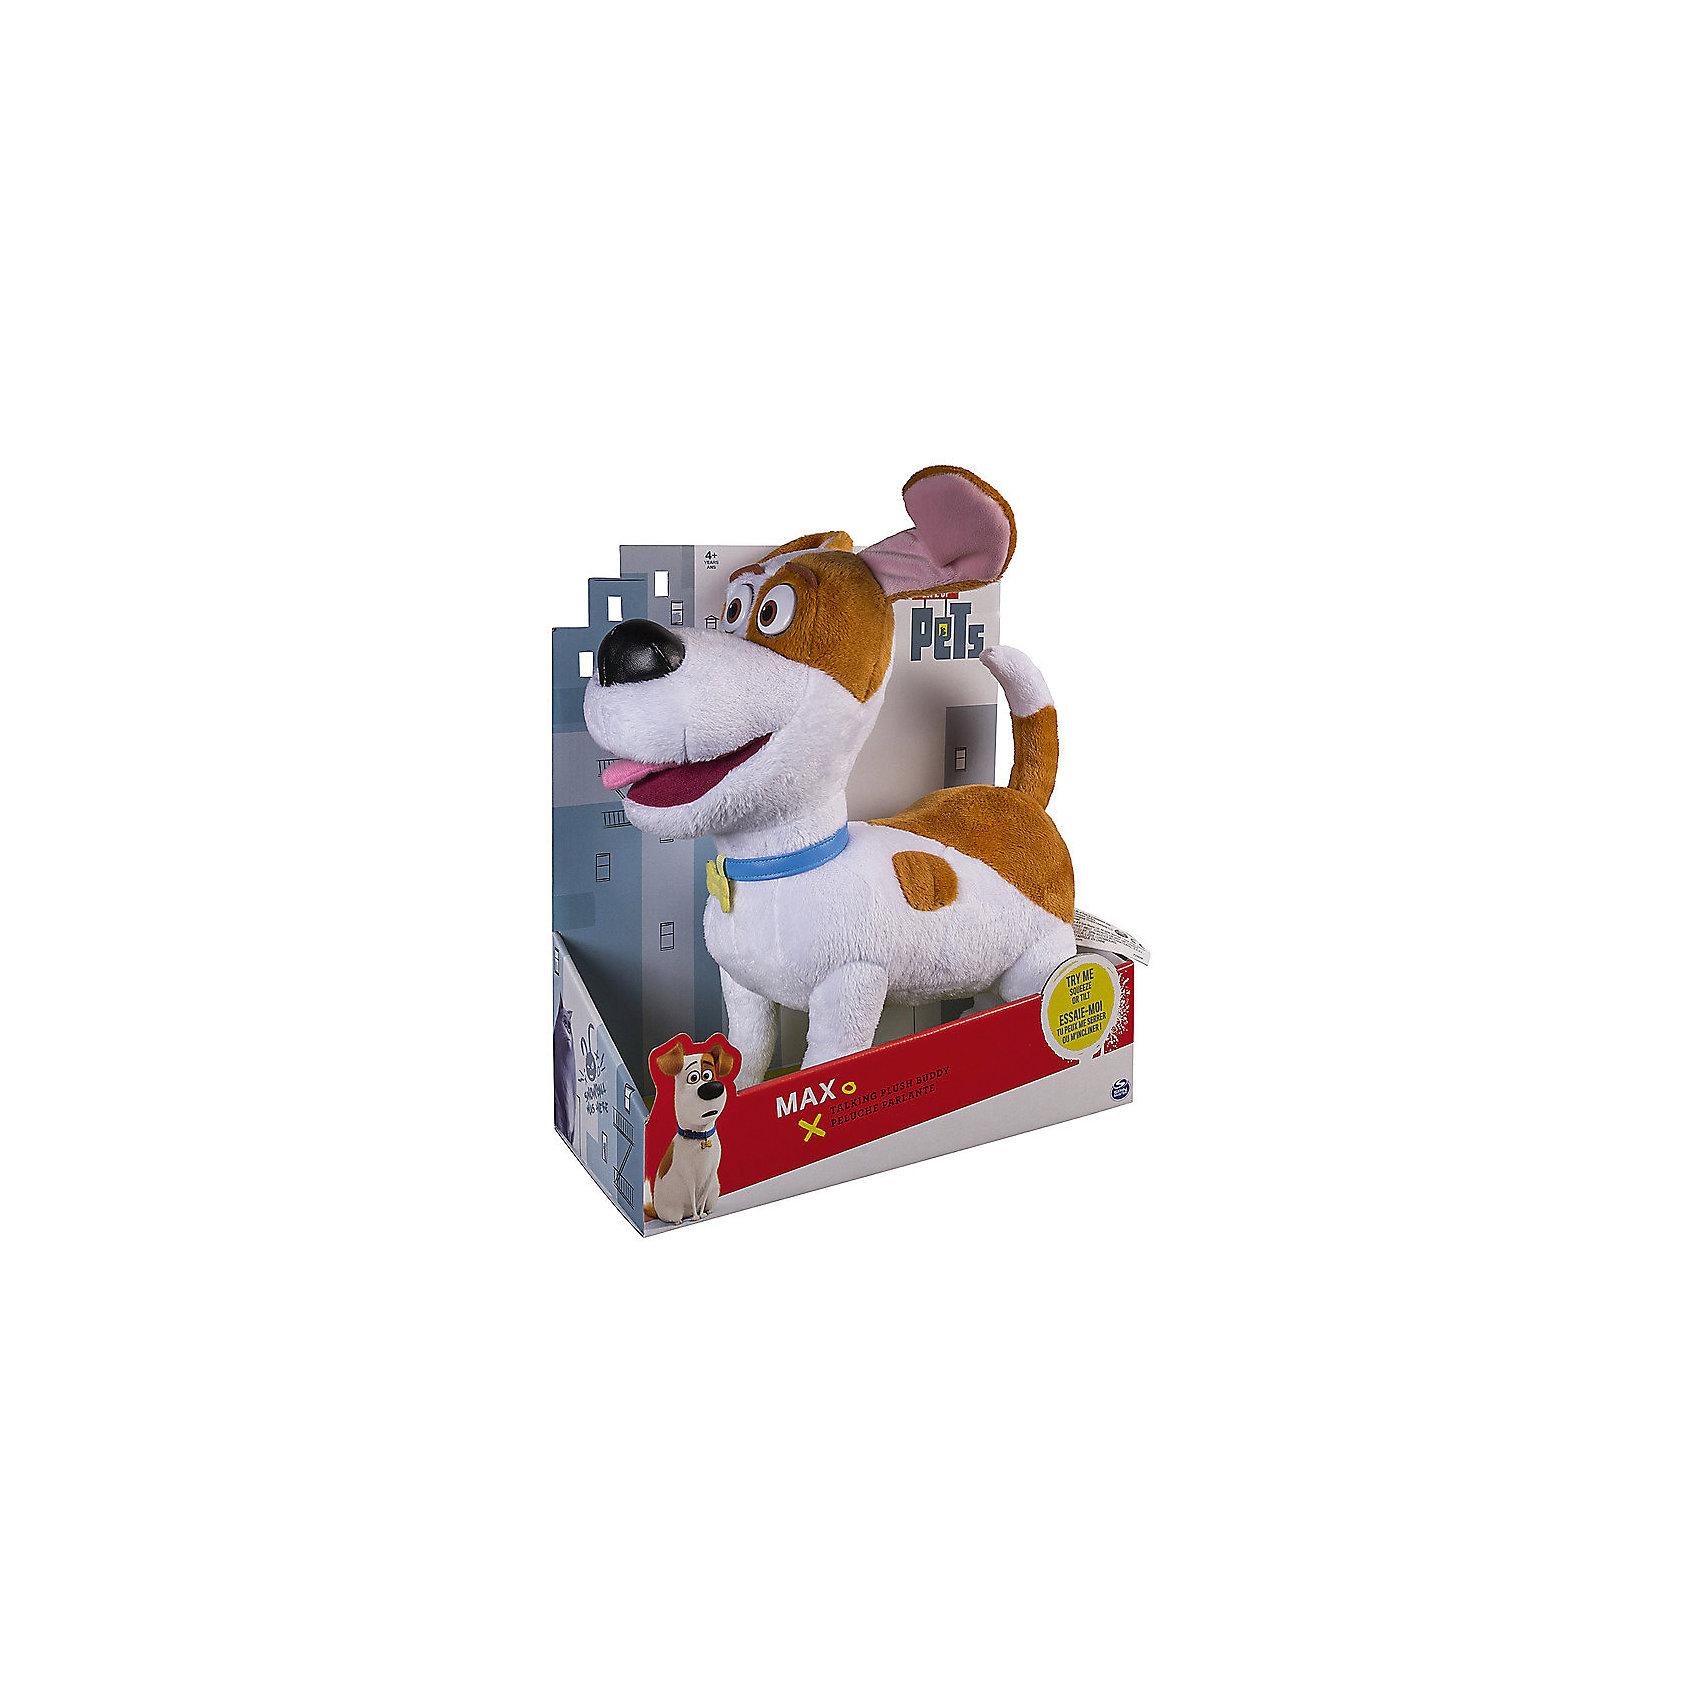 Плюш со звуковыми эффектами Макс, Тайная жизнь домашних животныхКошки и собаки<br>Мягкая игрушка Макс со звуковыми эффектами.<br><br>Характеристики мягкой игрушки Secret Life of Pets:<br><br>• электронная игрушка: работает от батареек;<br>• звуковые эффекты: произносит звуки и фразы из мультфильма «Тайная жизнь домашних животных»;<br>• язык: английский;<br>• высота питомца: 30 см;<br>• материал: плюш, искусственный мех, синтетический наполнитель - синтепон;<br>• батарейки входят в комплект: 3 шт. типа LR44;<br>• размер упаковки: 30х28х14 см;<br>• вес упаковки: 500 г.<br><br>Питомец Макс – заботливый и верный пес. Мультфильм «Тайная жизнь домашних животных» рассказывает о приключениях четвероногих друзей во время отсутствия хозяев. Плюшевый Макс говорит фразы из мультфильма на английском языке. Кнопка для активации звуковых эффектов находится на животе собачки. <br><br>Мягкие игрушки благоприятно влияют на развитие воображения, помогают детям проявлять заботу и внимание по отношению к пушистому другу. <br><br>Плюш со звуковыми эффектами Макс, Тайная жизнь домашних животных можно купить в нашем интернет-магазине.<br><br>Ширина мм: 280<br>Глубина мм: 140<br>Высота мм: 310<br>Вес г: 660<br>Возраст от месяцев: 36<br>Возраст до месяцев: 2147483647<br>Пол: Унисекс<br>Возраст: Детский<br>SKU: 5064314